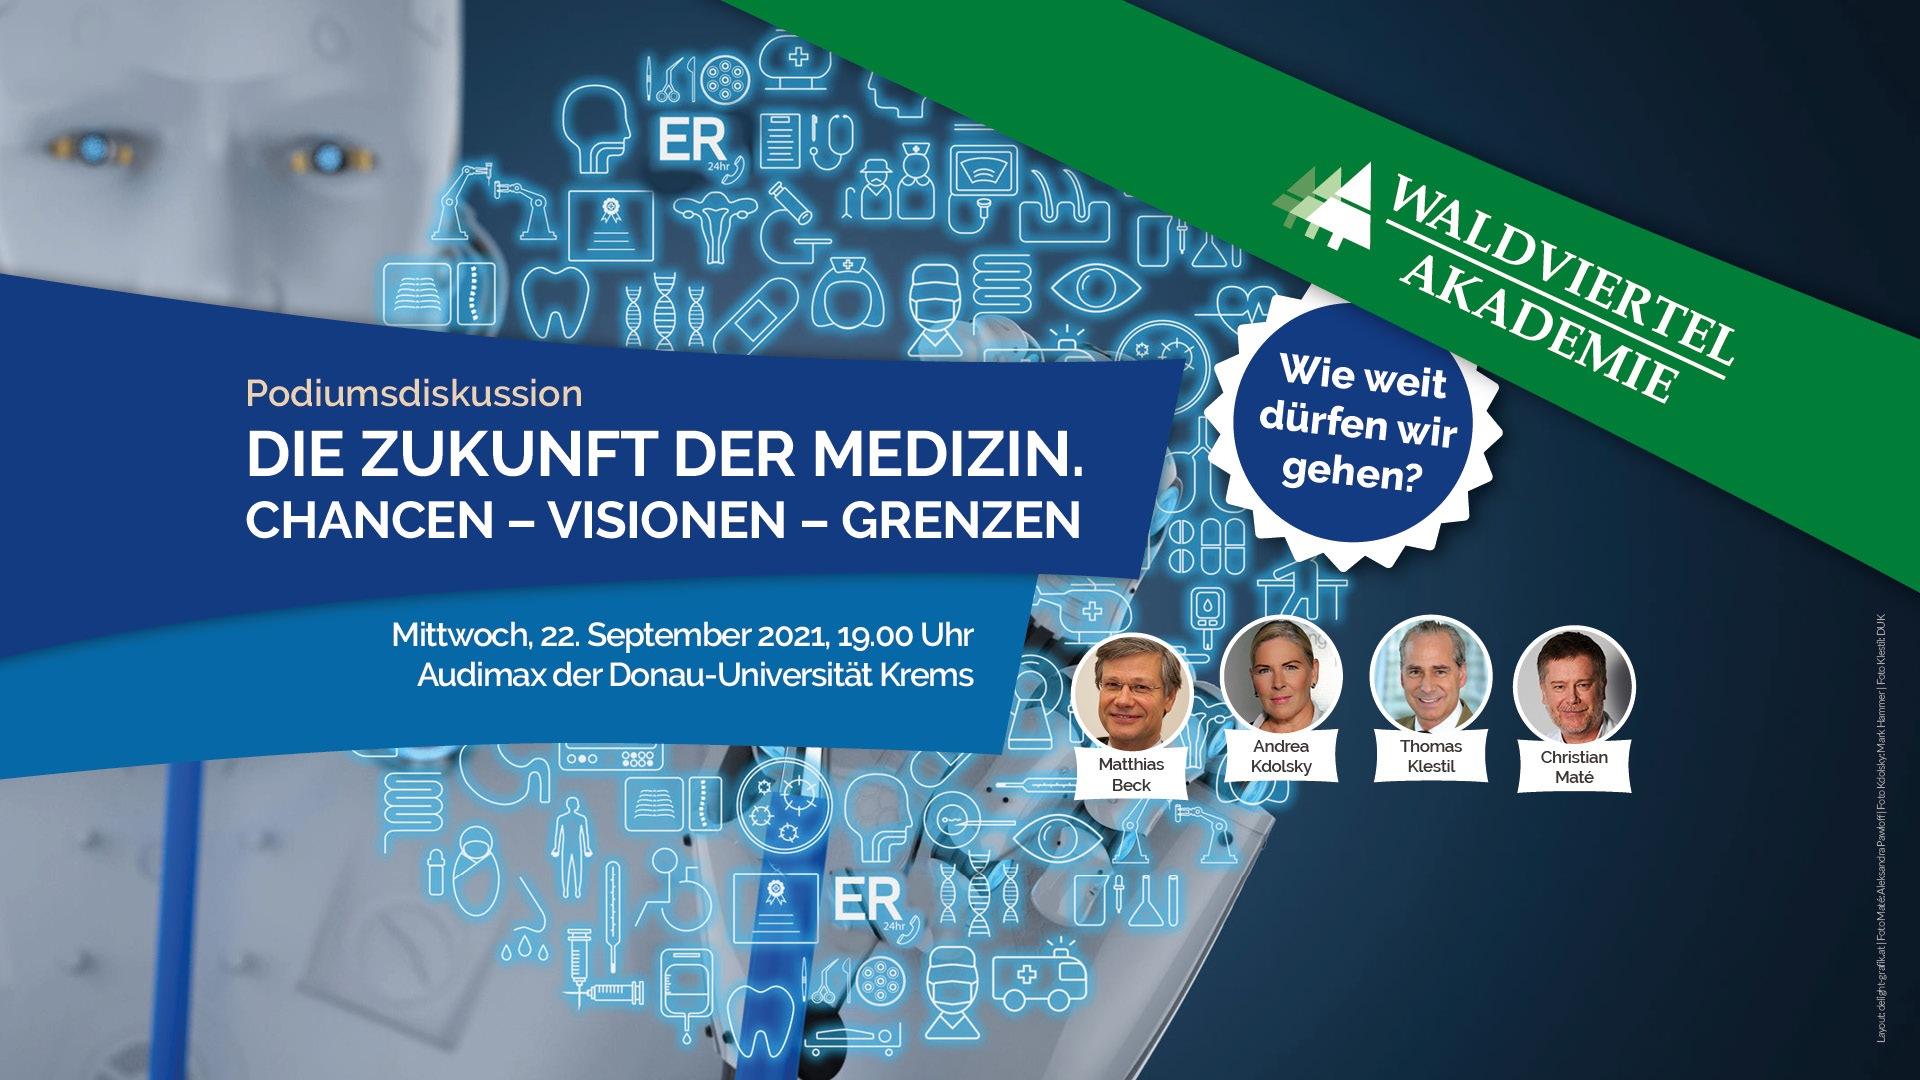 Die Zukunft der Medizin 1